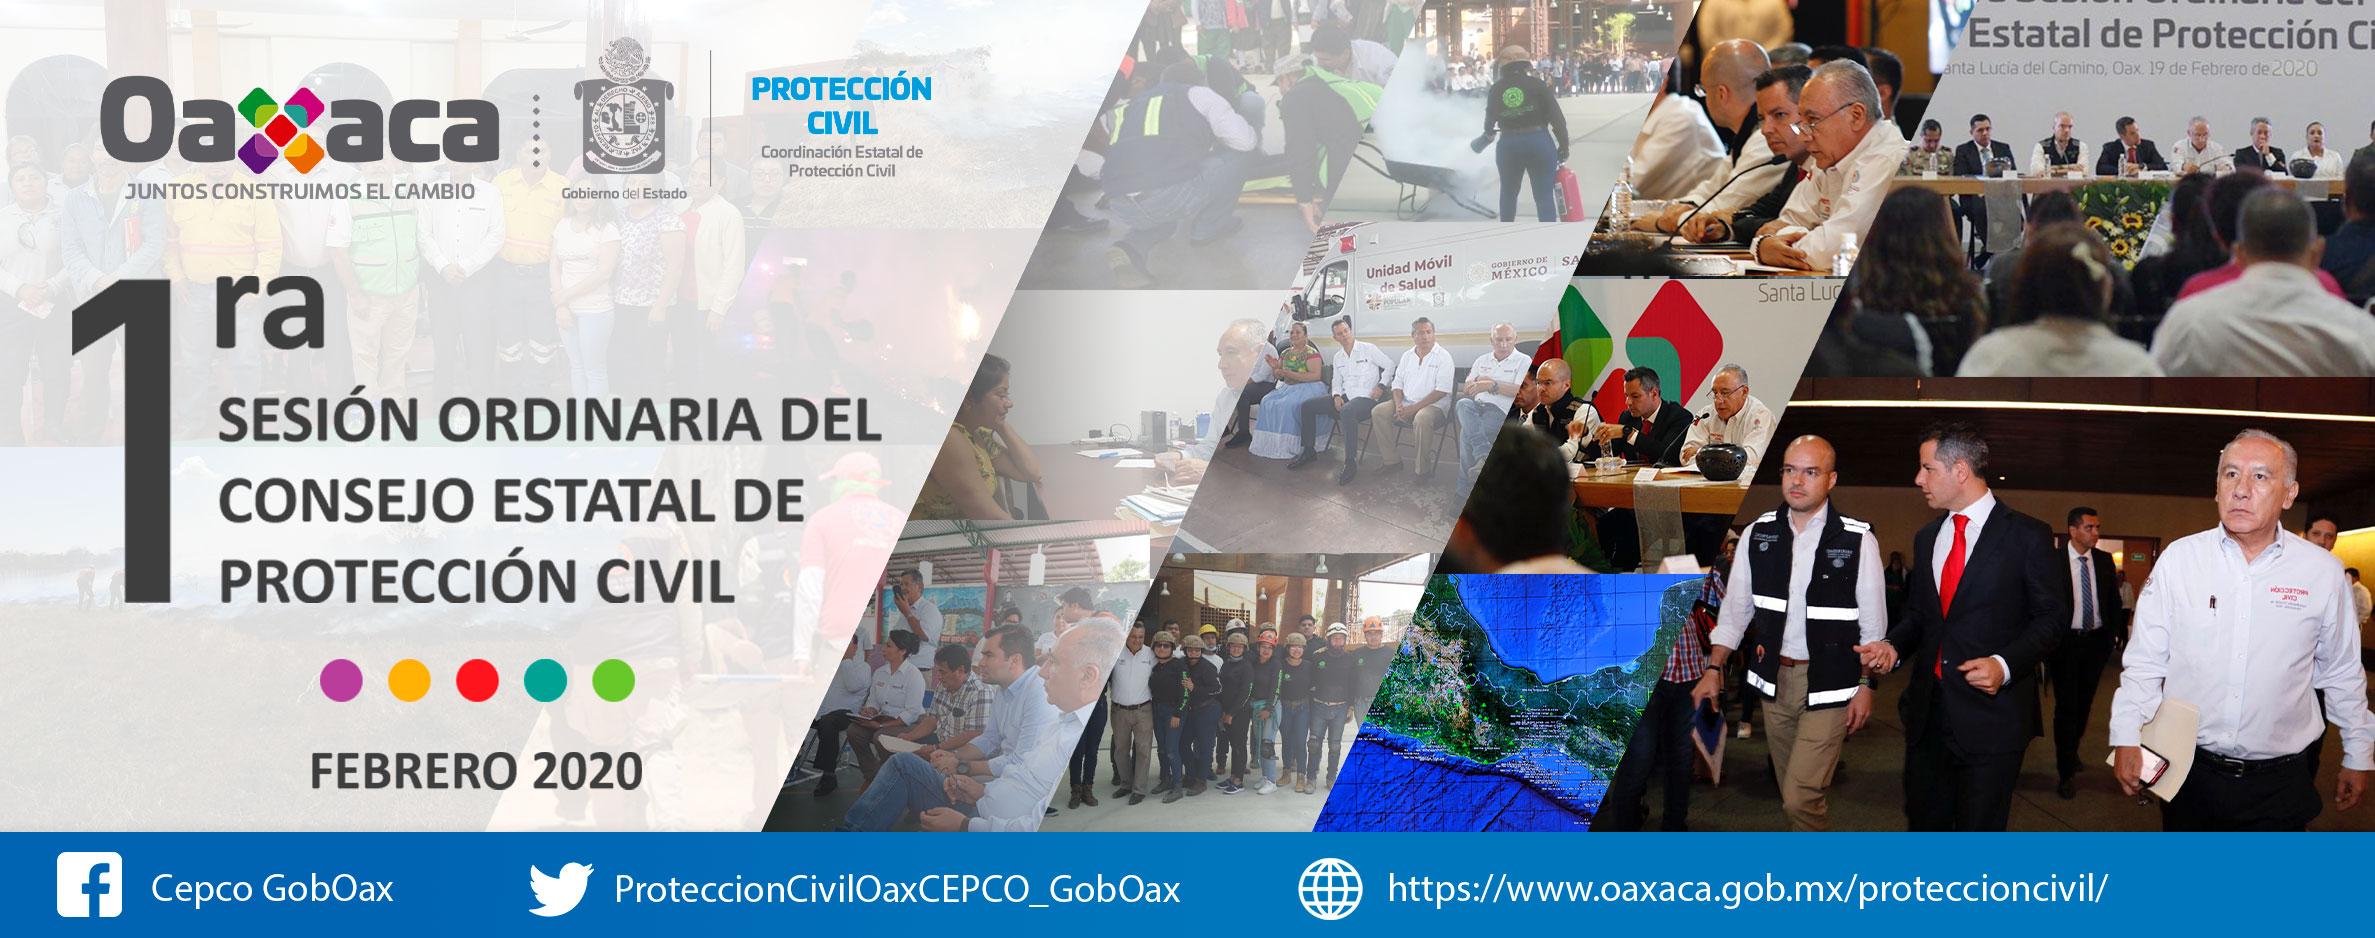 1era Sesión Ordinaria de Consejo Estatal de Protección Civil de Oaxaca